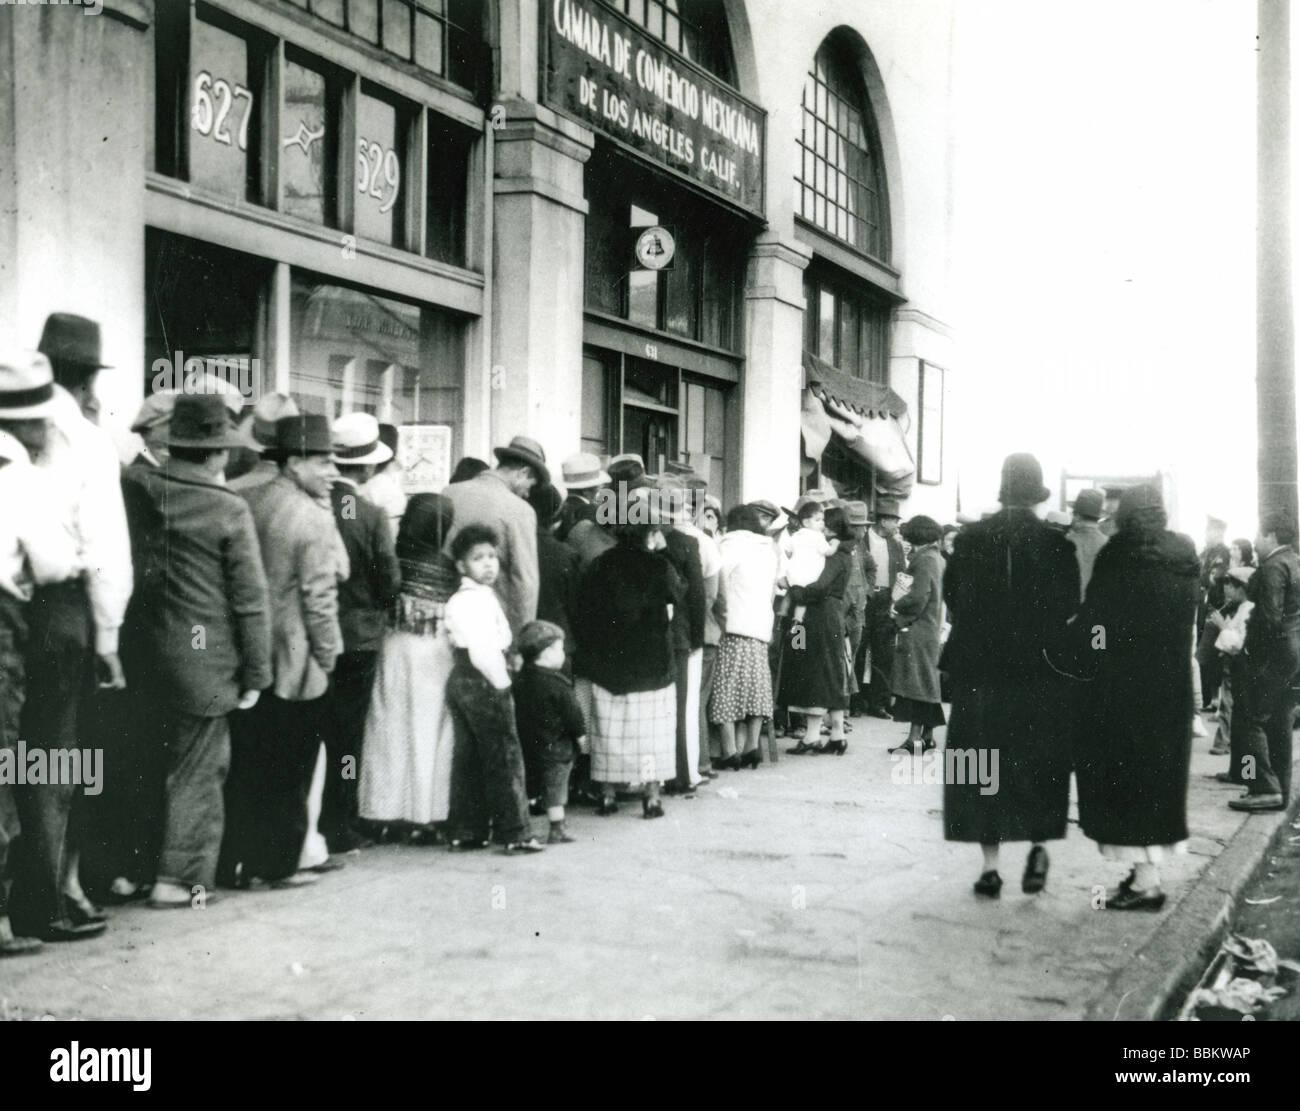 Grande depressione - in coda per il pane a Los Angeles negli anni trenta del novecento Immagini Stock